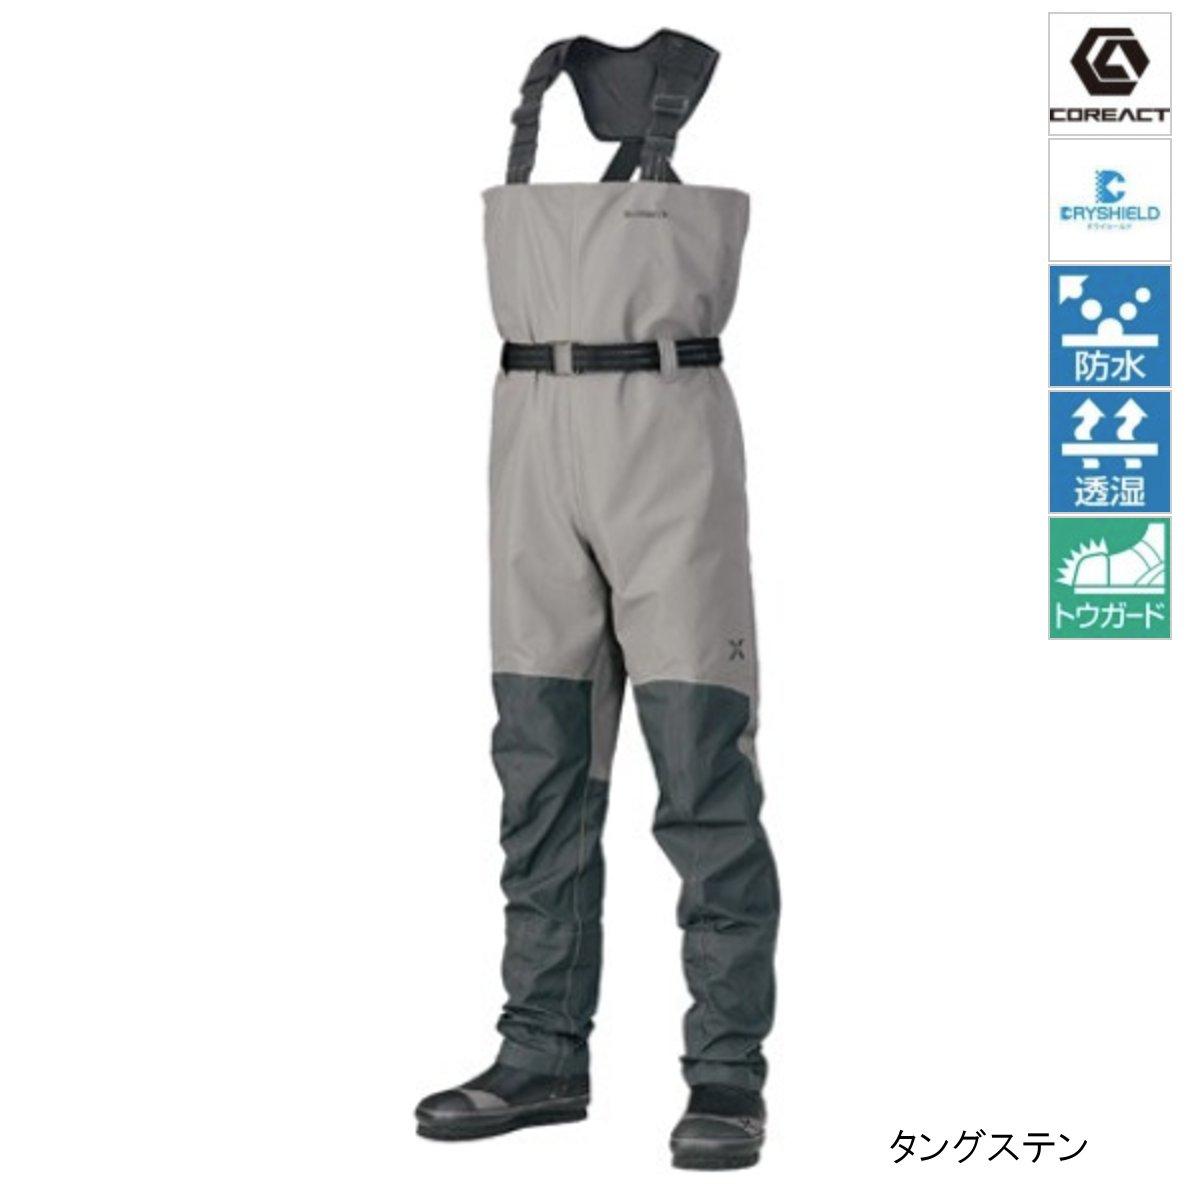 シマノ XEFO シマノ アクトゲーム ウェーダー WA-228R M XEFO M タングステン, 神棚の山丸:5d5ac912 --- officewill.xsrv.jp